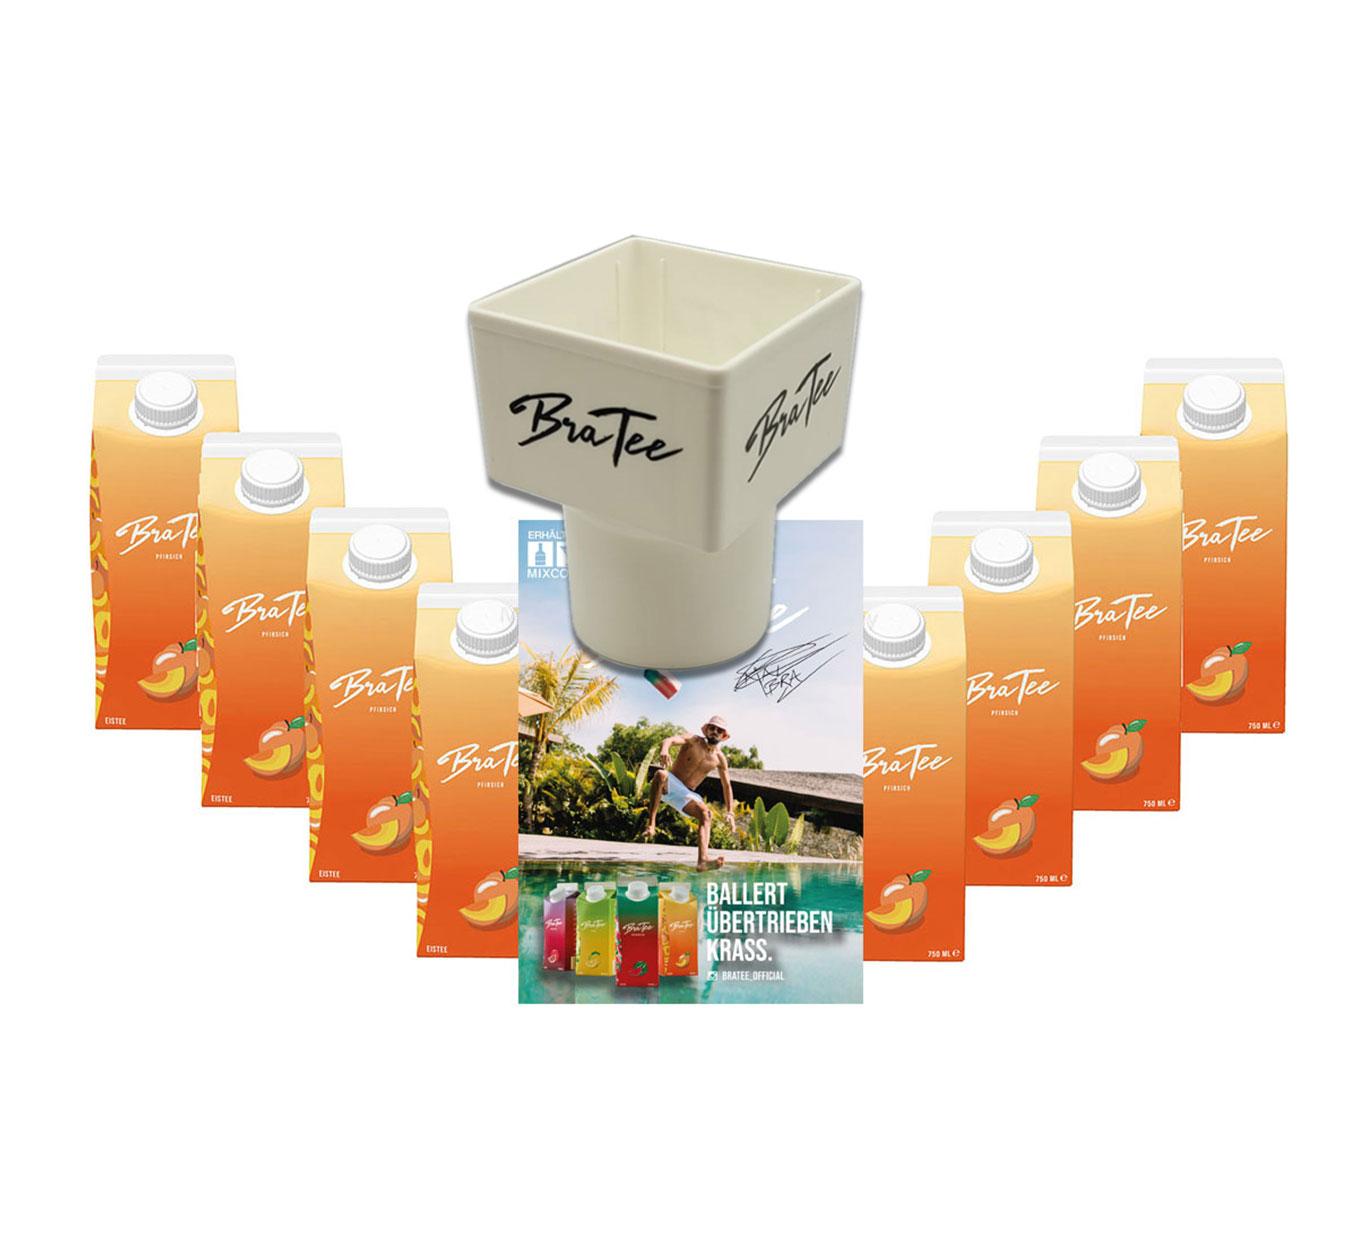 Capital BraTee 8er Set Eistee Pfirsich + Gratis Getränkehalter + Autogrammkarte Peach 750ml Ice tea + Autogrammkarte Der Klassiker unter den Eistees: Pfirsichgeschmack. Dazu noch mit Capi-Qualitäts-Siegel - Du weisst Bescheid